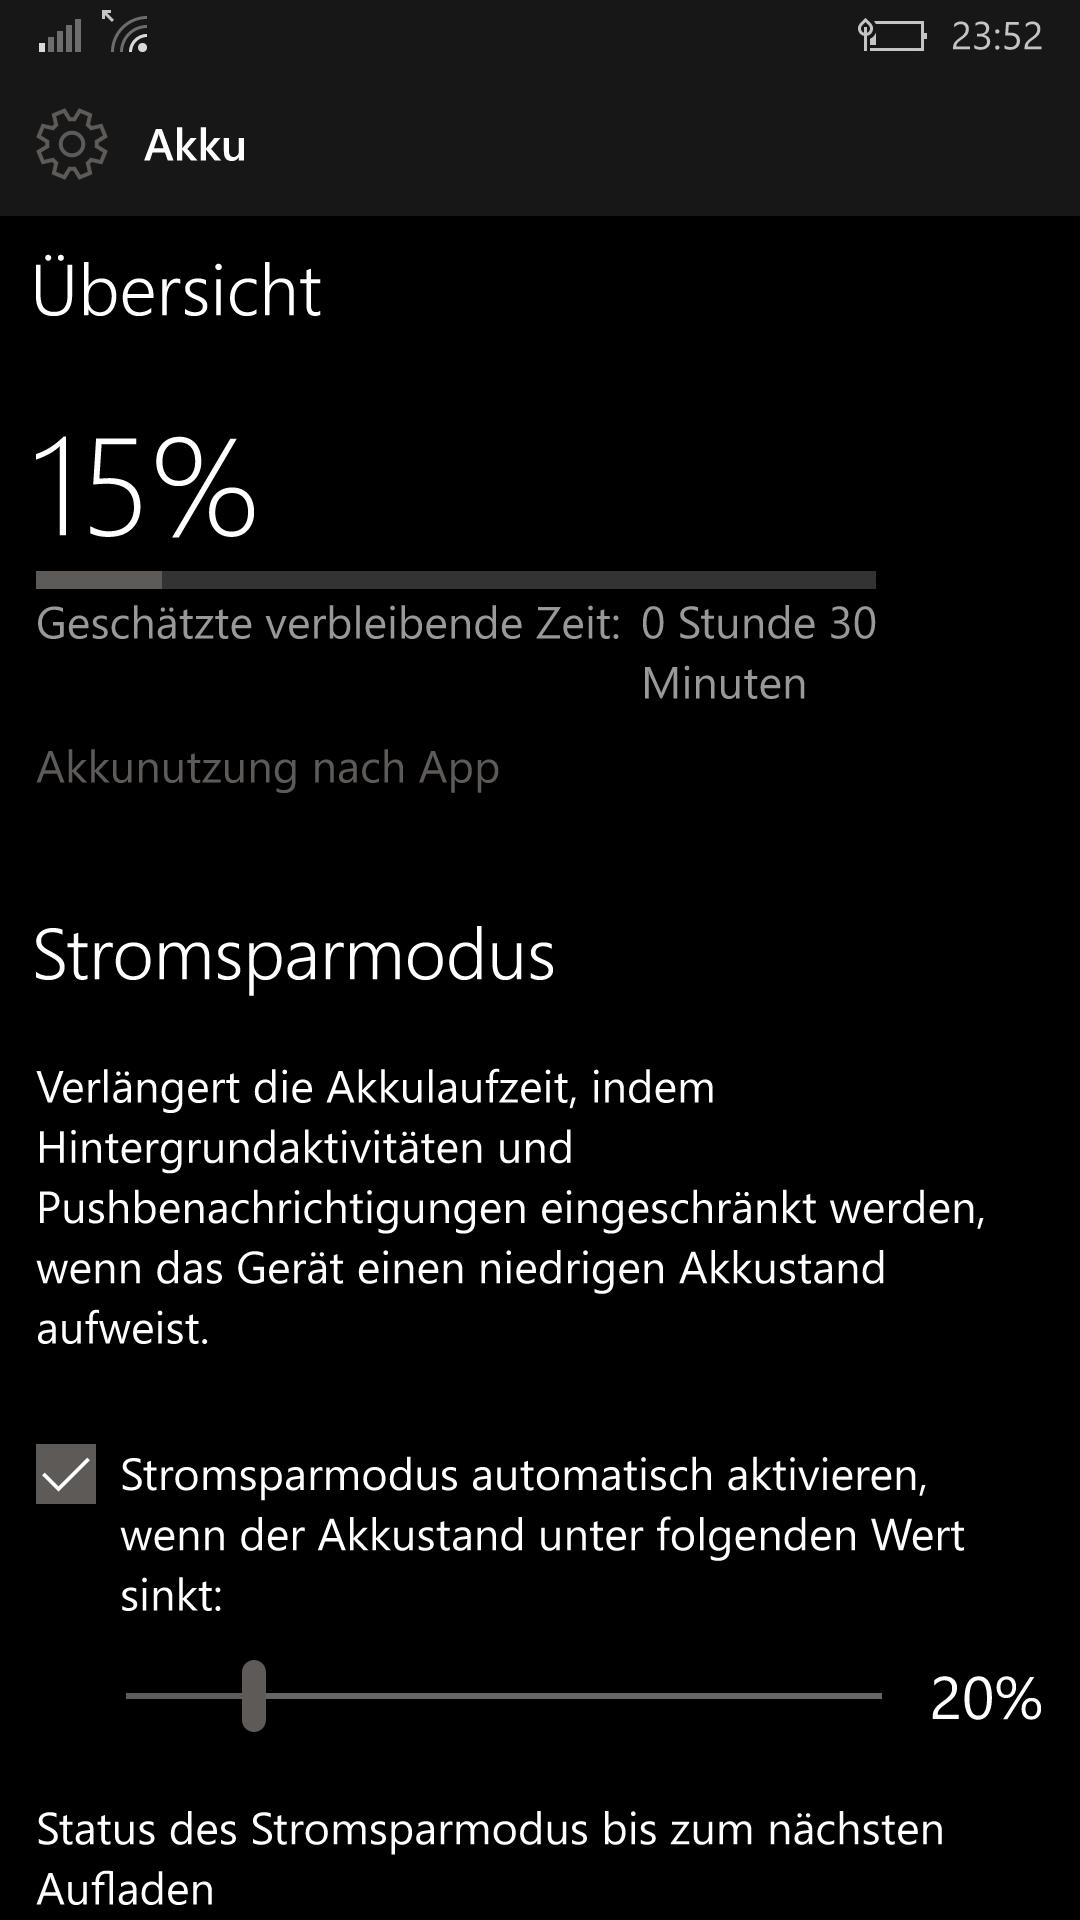 Keinerlei Warnung für niedrigen Akku-Ladezustand (Lumia 950)